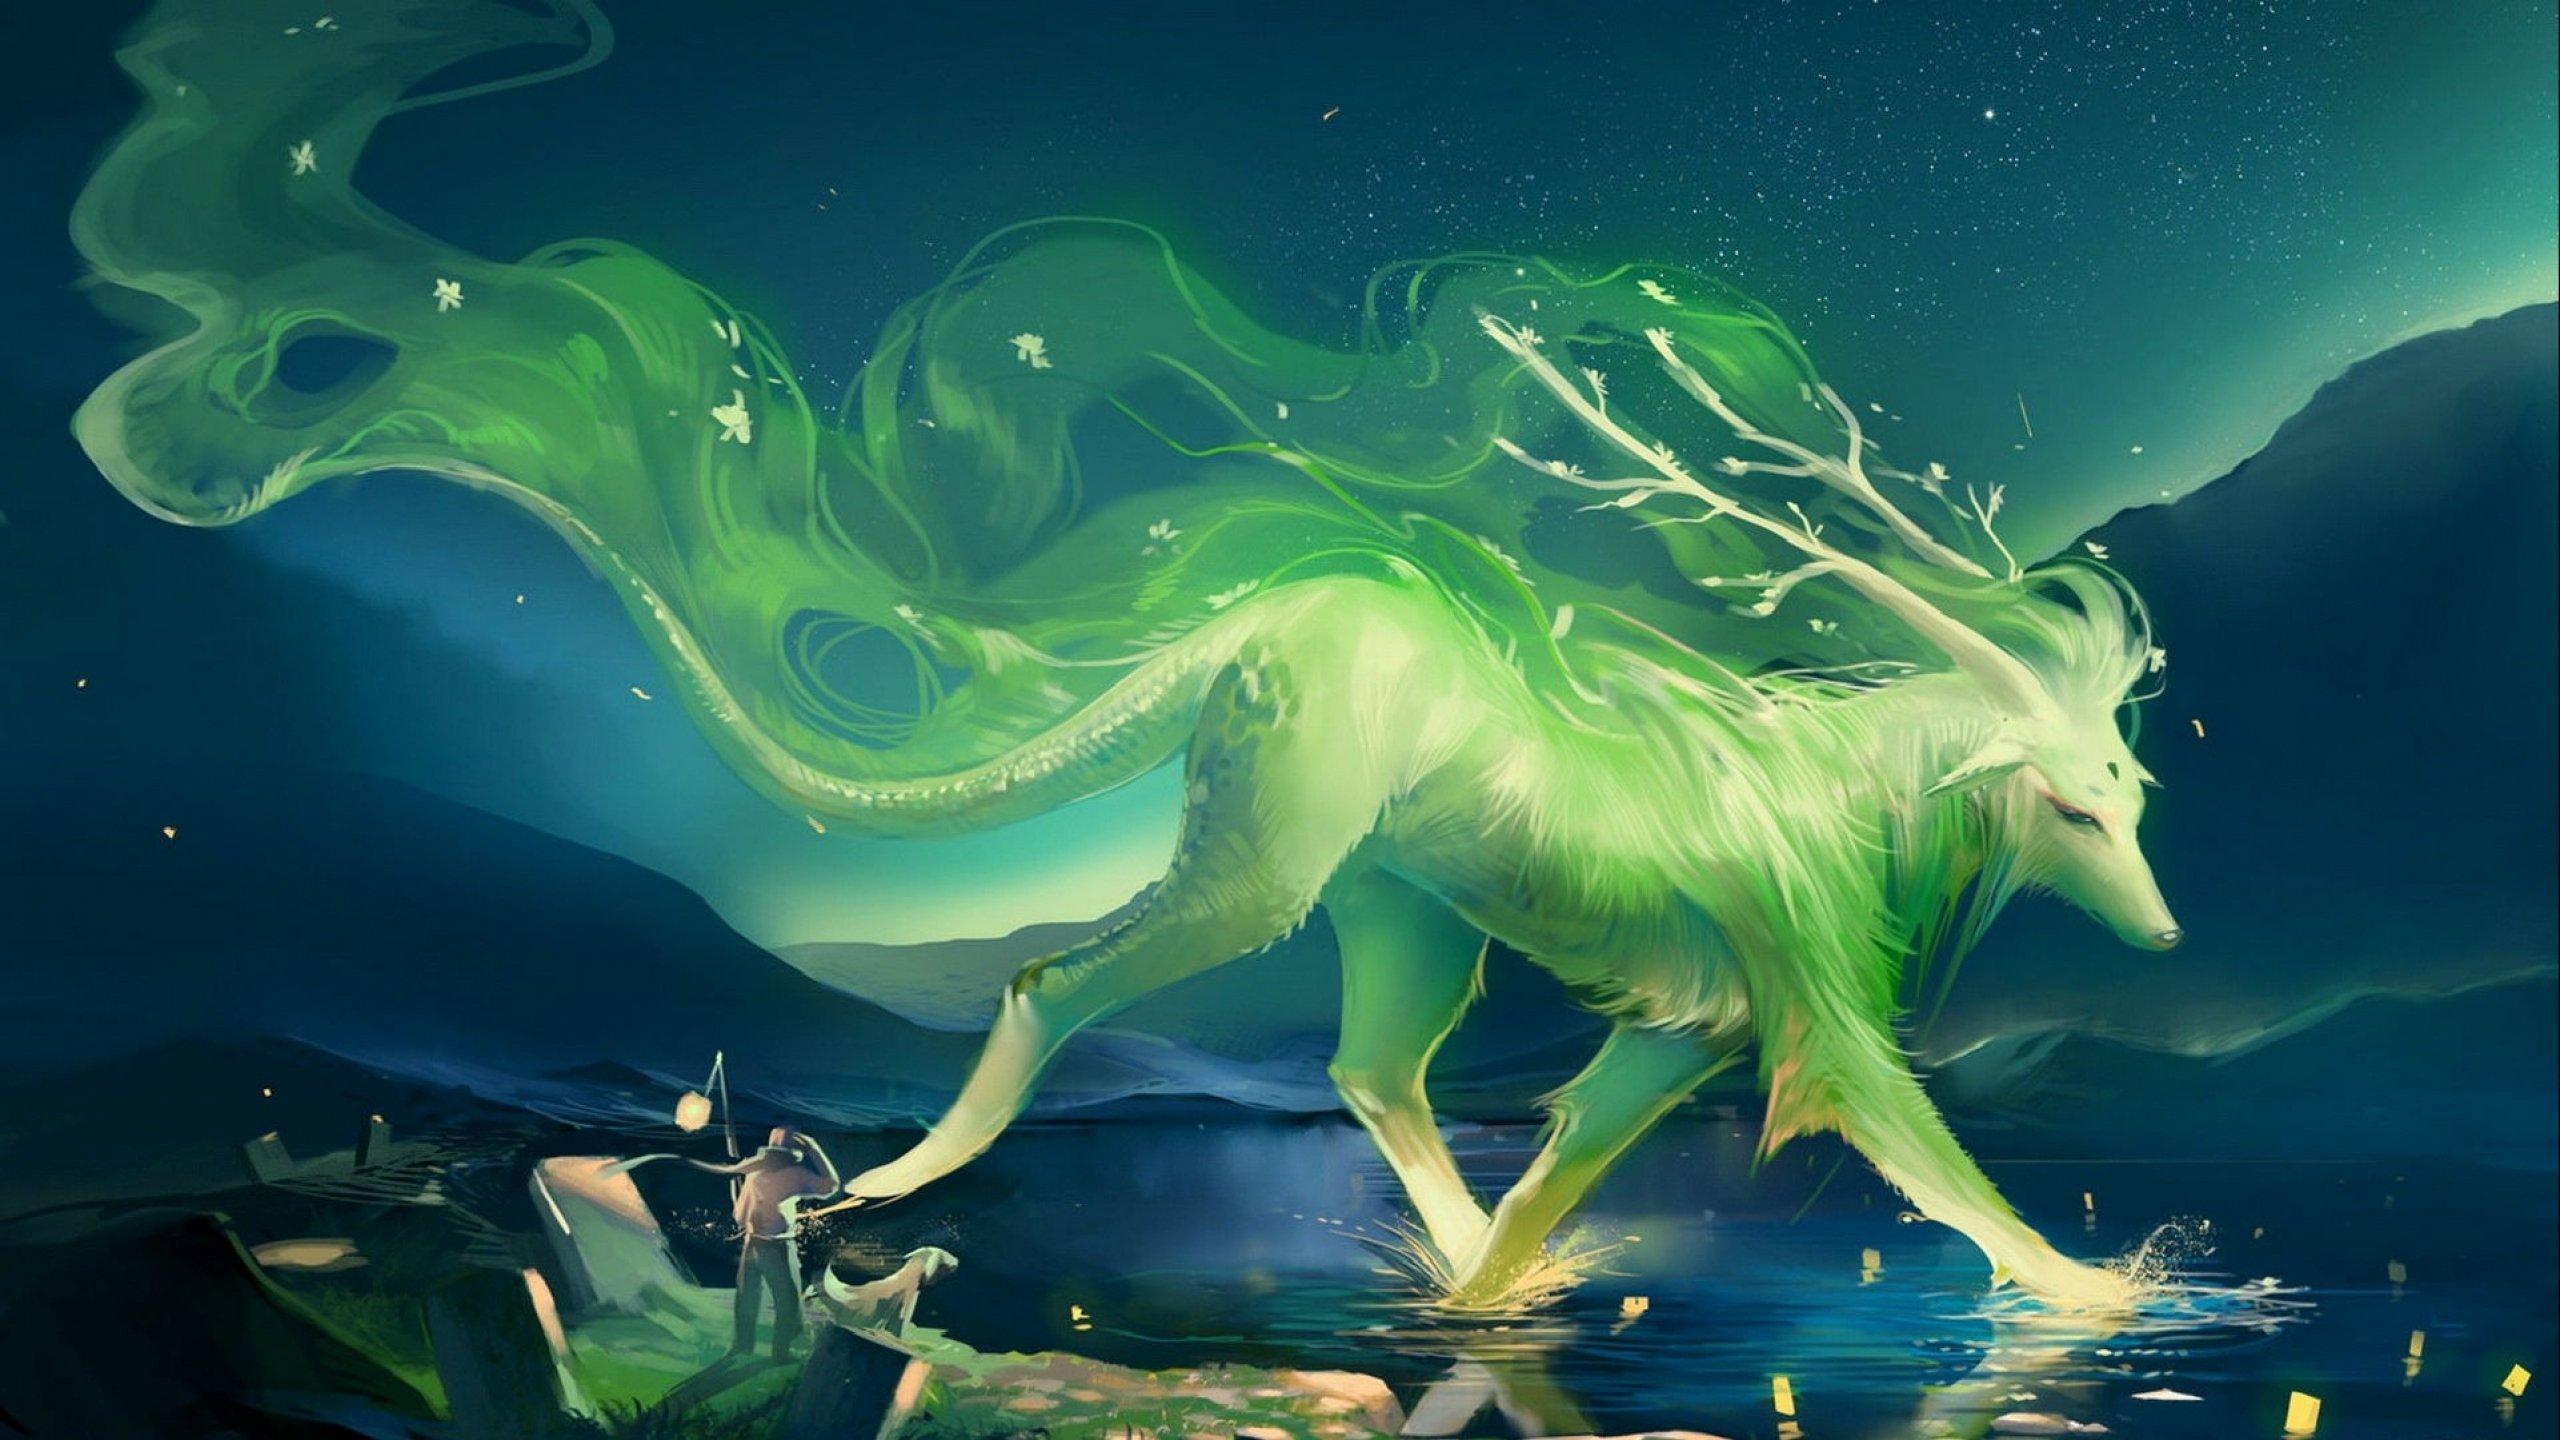 Картинка волшебных существ